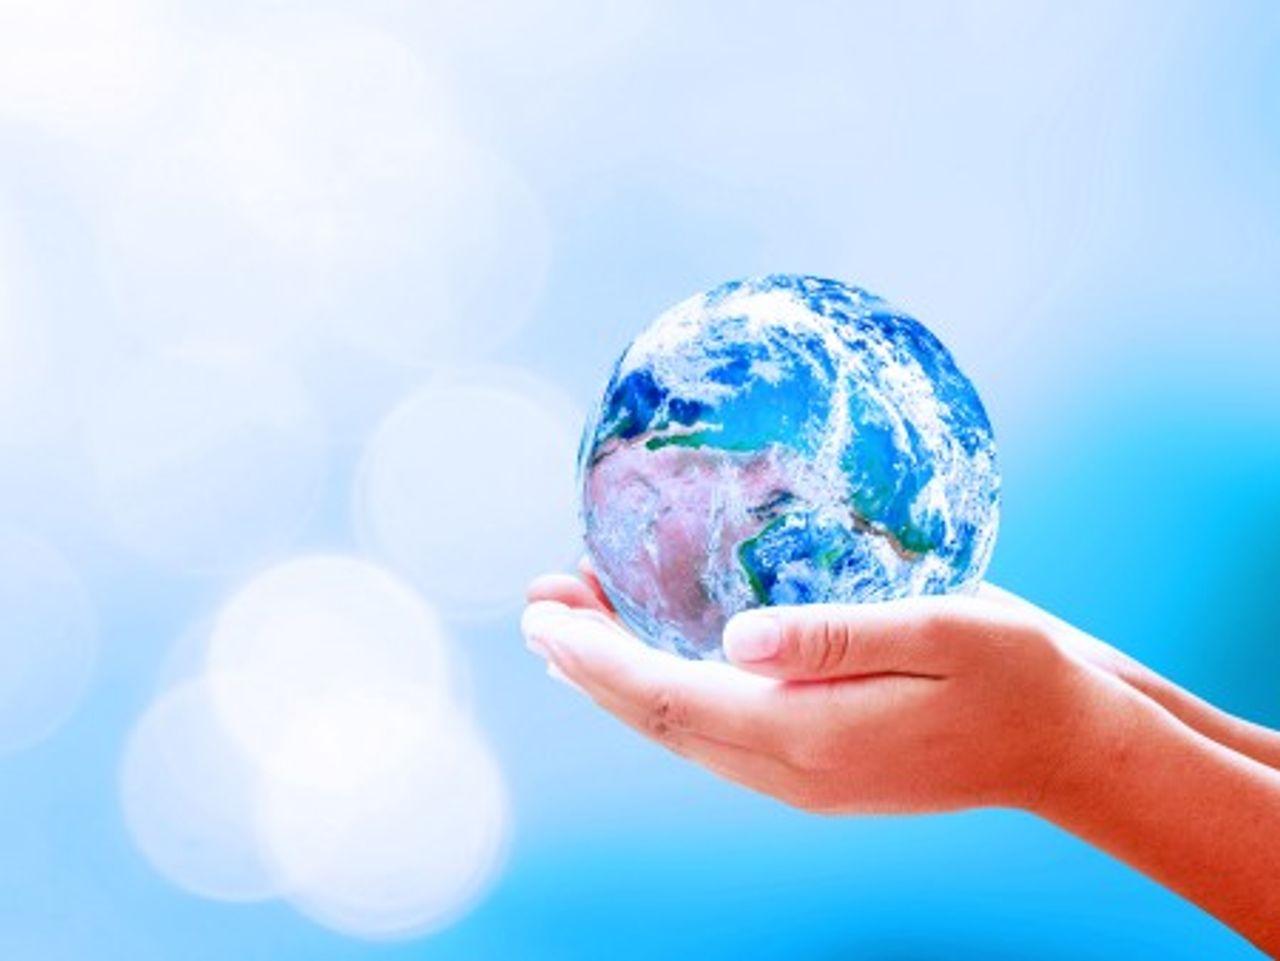 Duas mãos seguram um globo de vidro contra um fundo azul